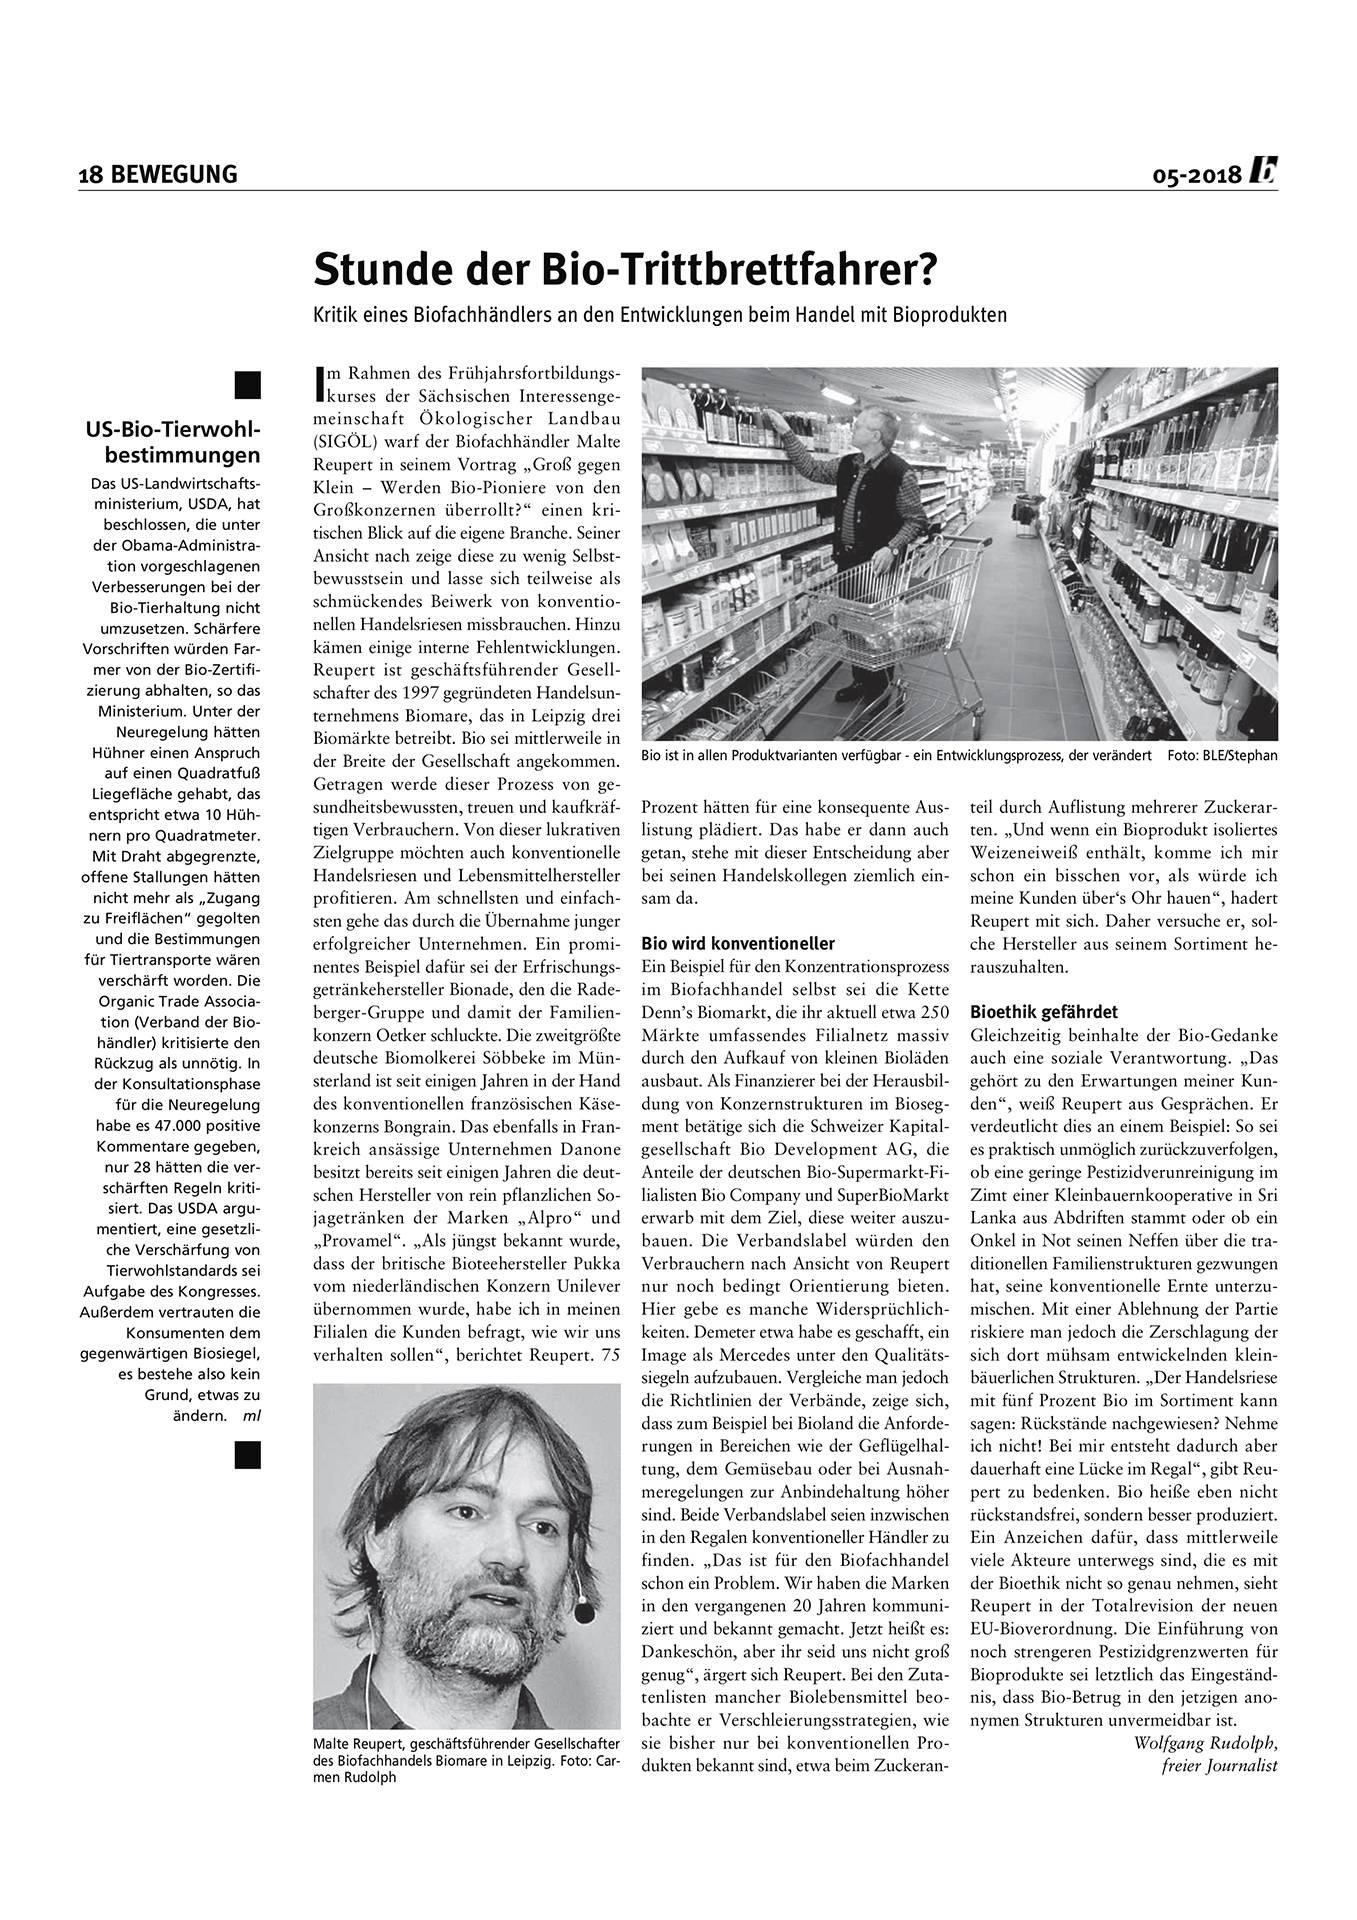 Presse, Bauernstimme, Malte Reupert